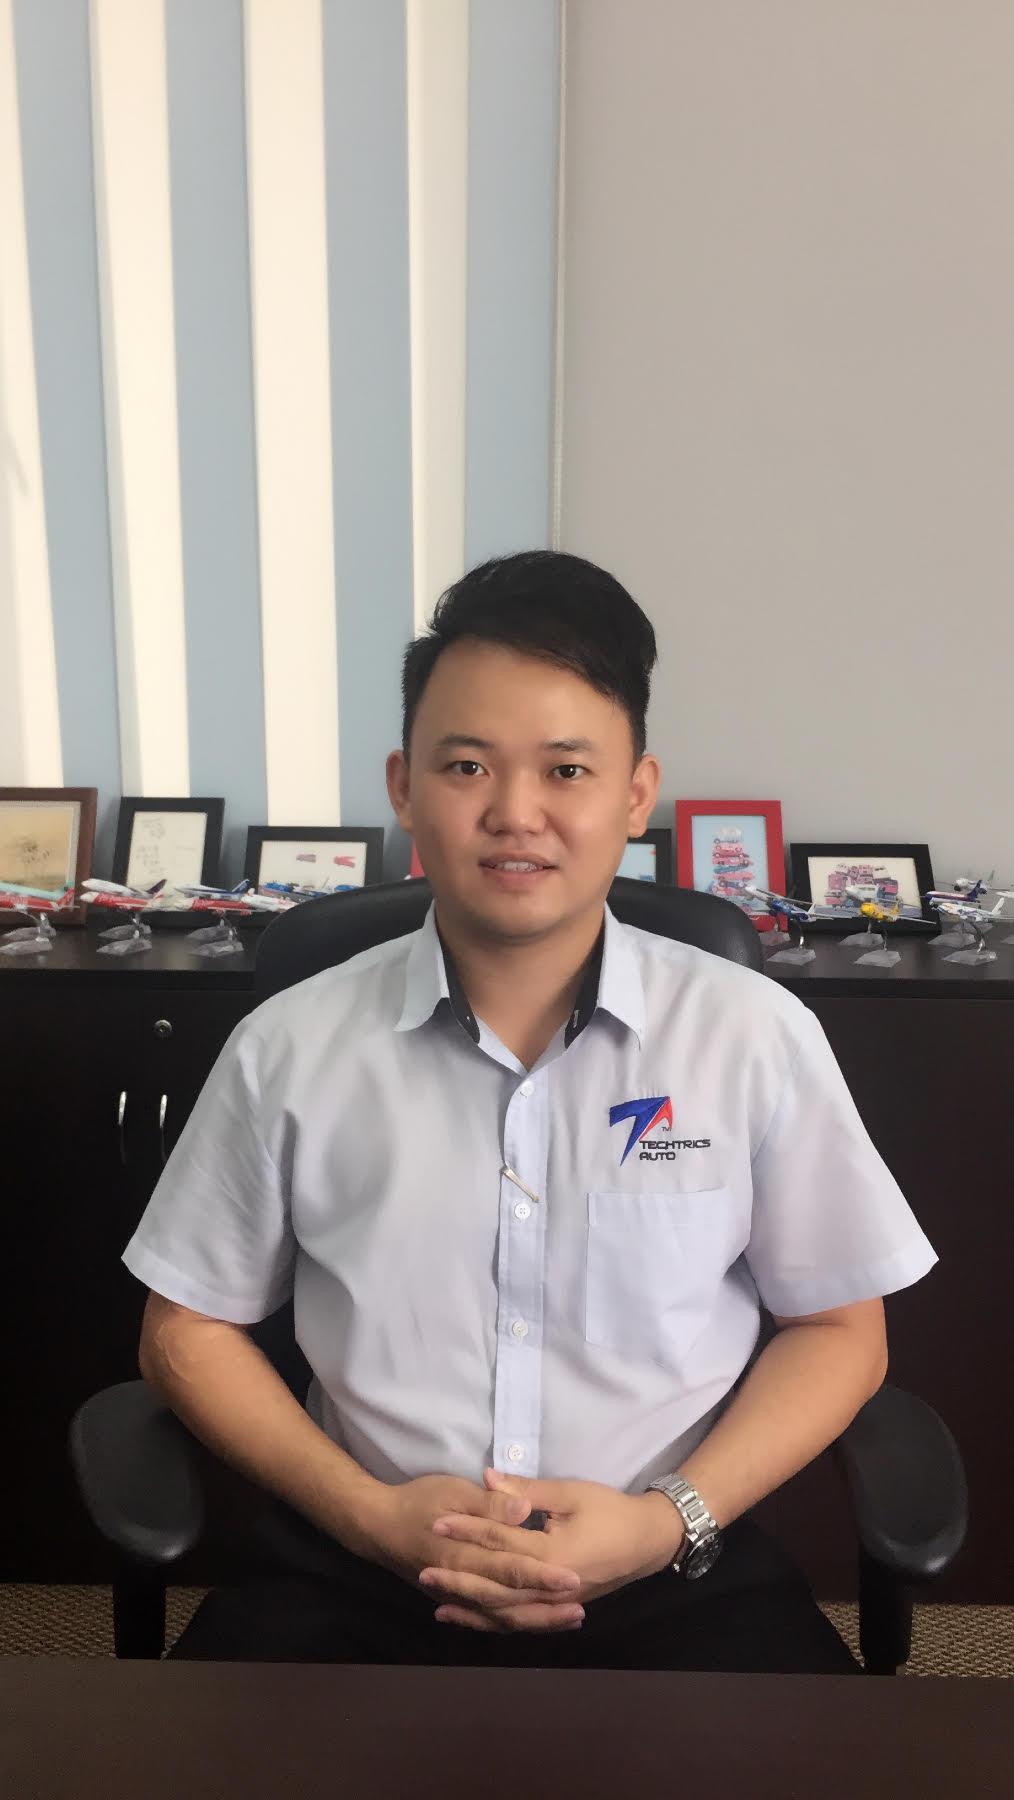 Mr. Fong Weng Hong